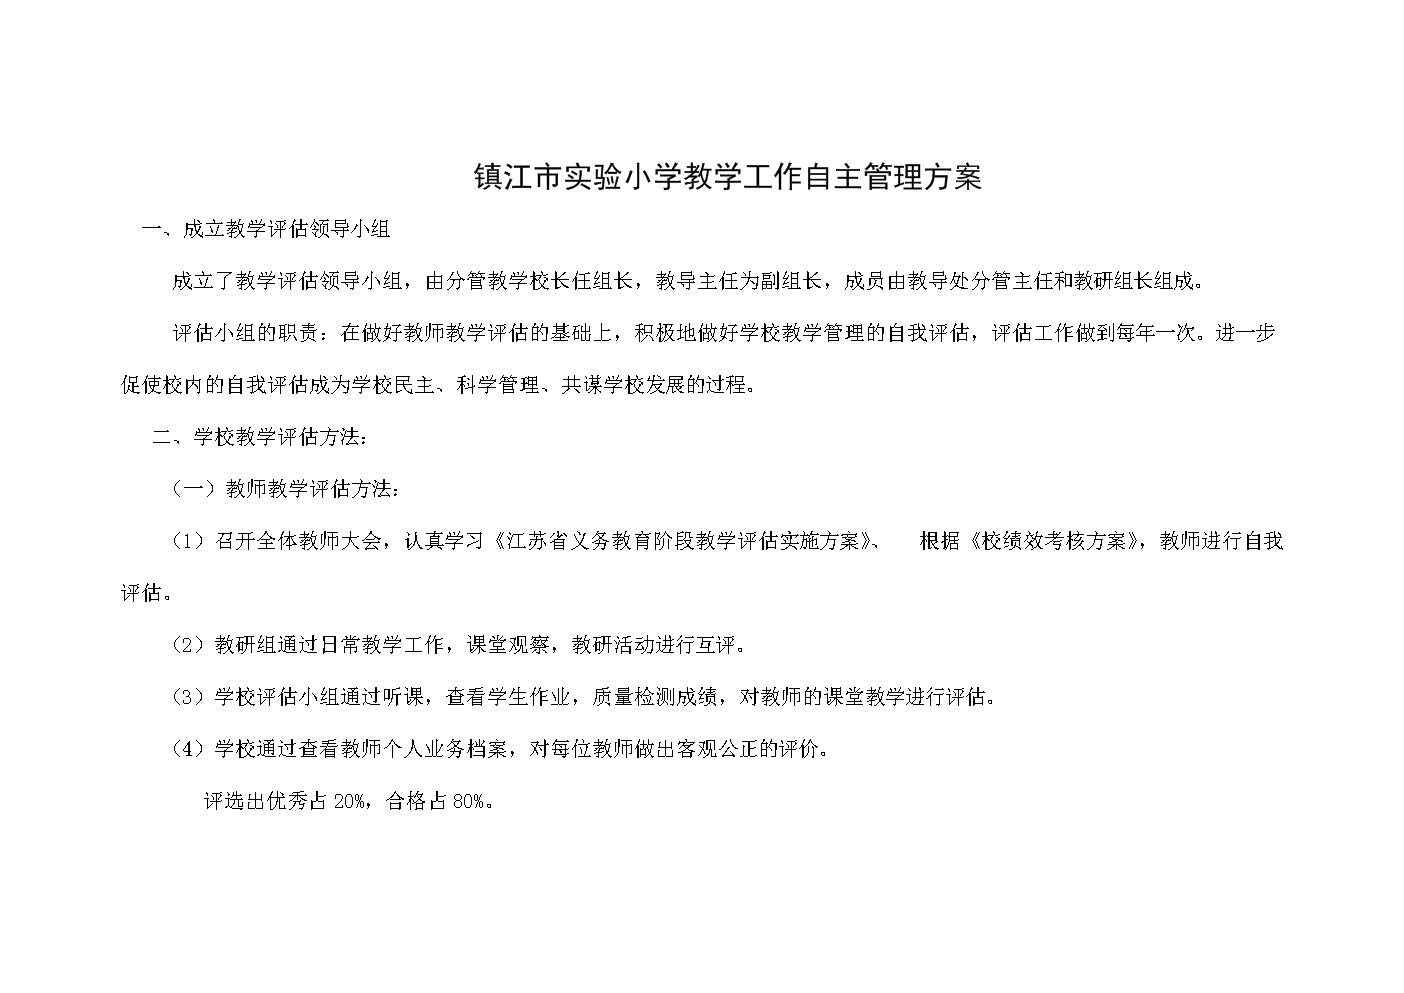 镇江市评估教案教学工作自主实验管理小学方案湖小学货图片